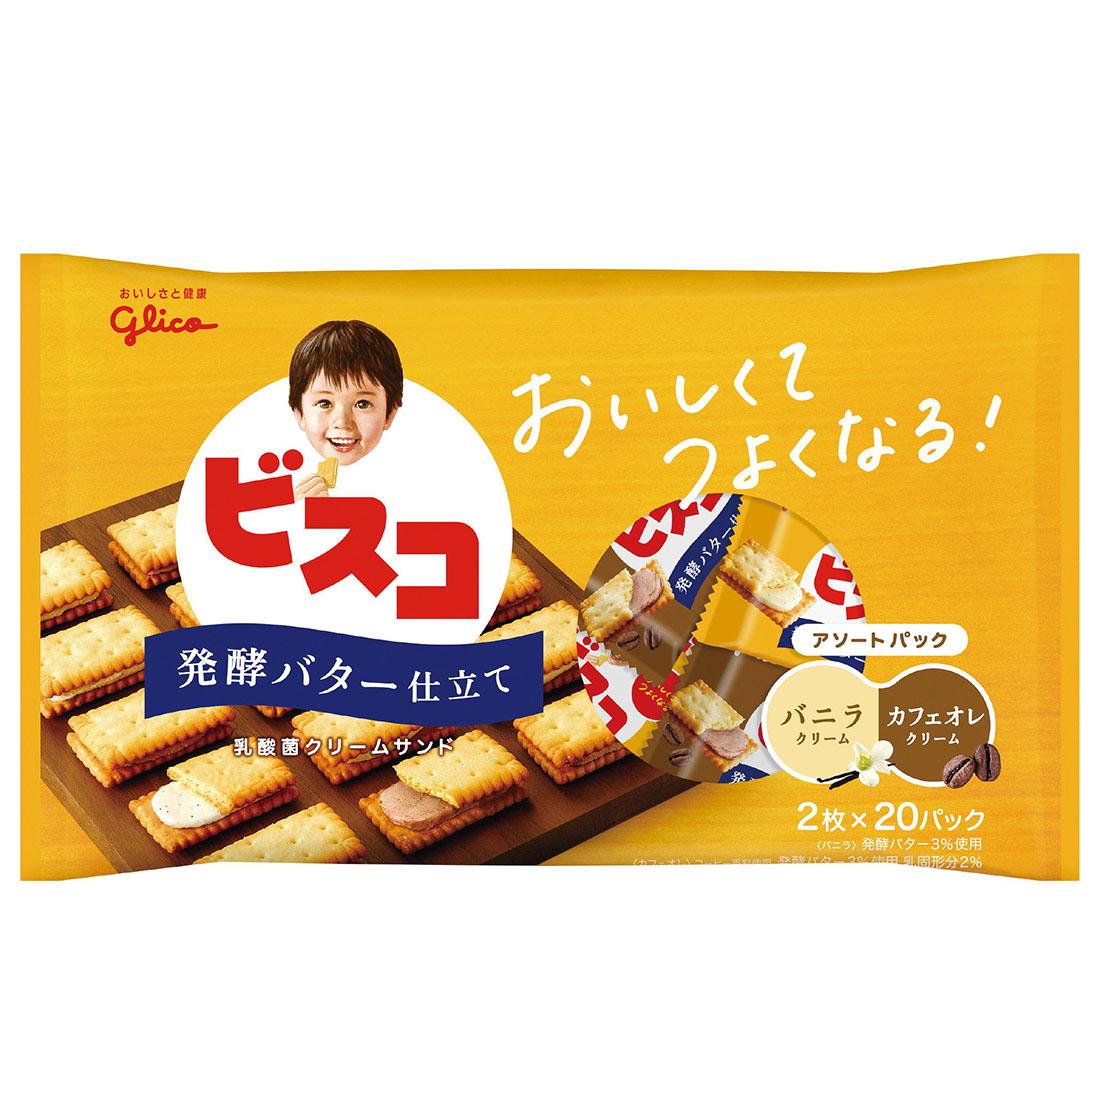 格力高奶油夾心餅乾家庭號 香草 咖啡歐蕾口味 日本進口